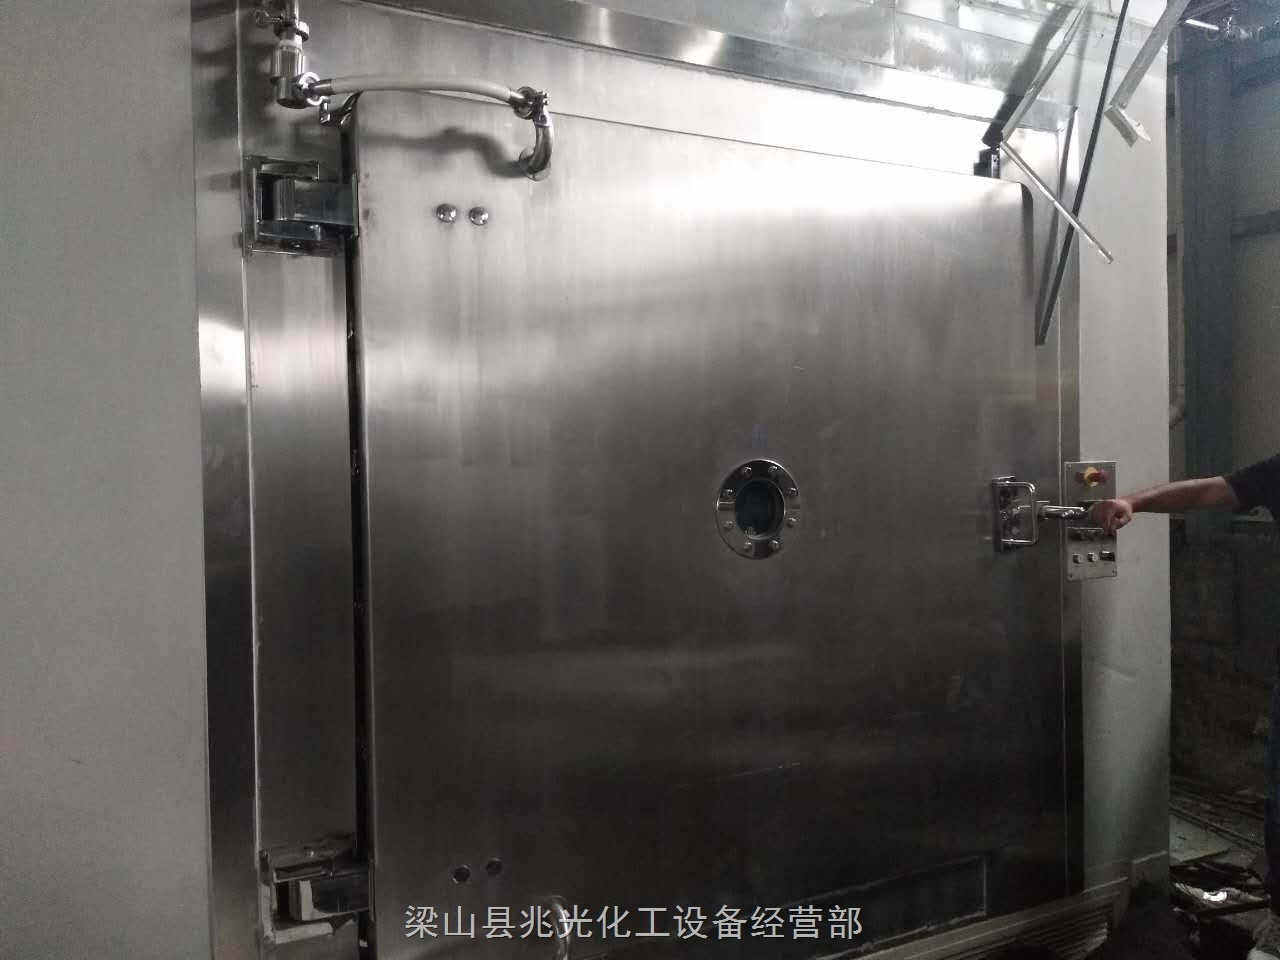 二手东富龙真空冷冻干燥机批量库存